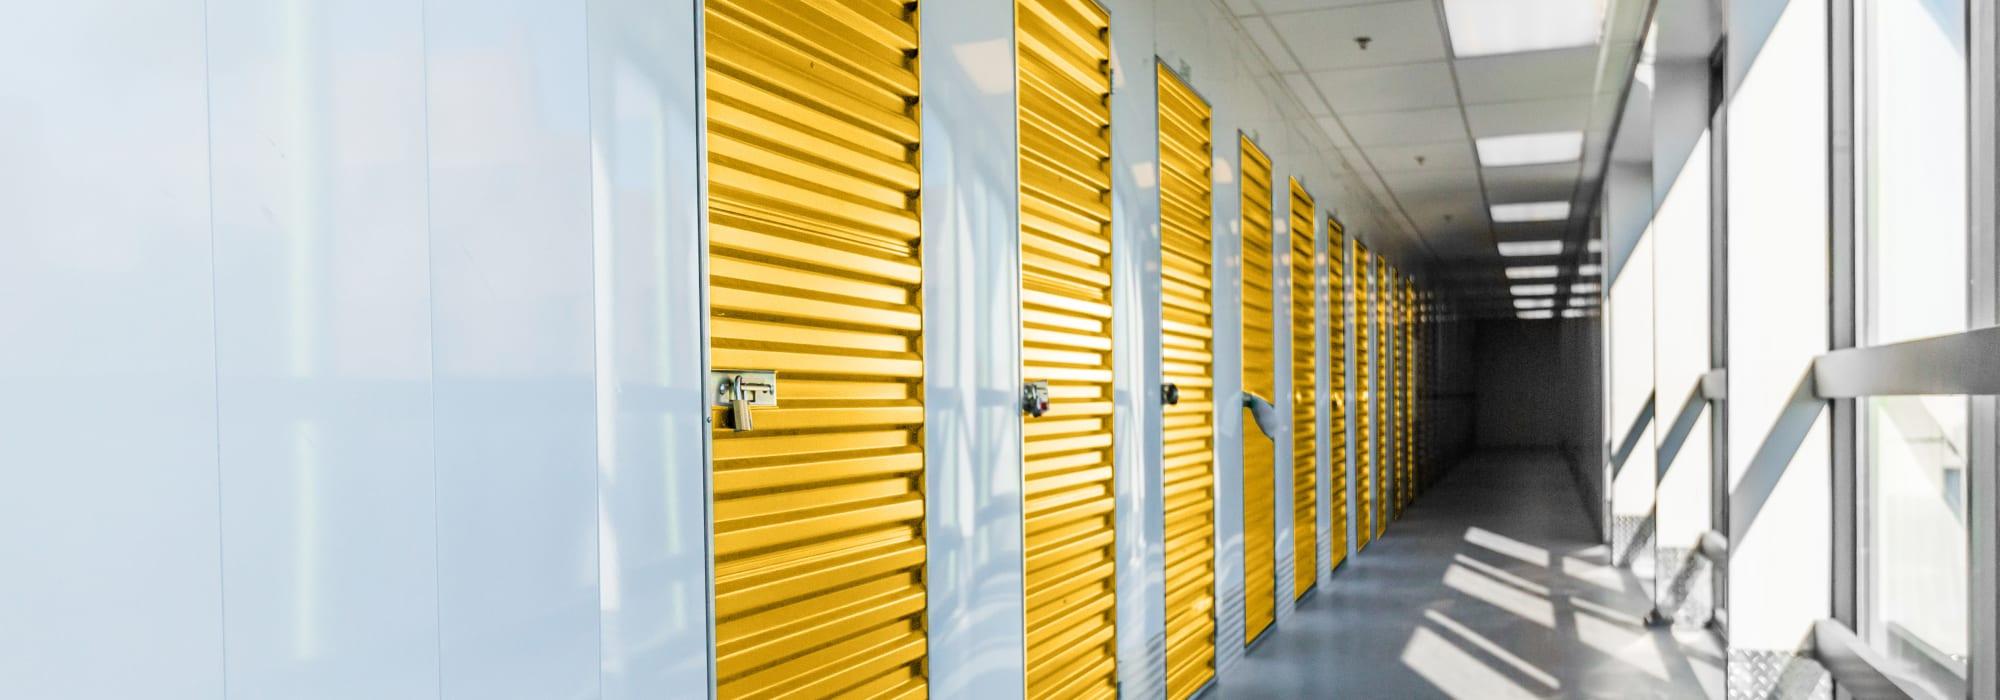 Storage 365 self storage in Golden Valley, Minnesota